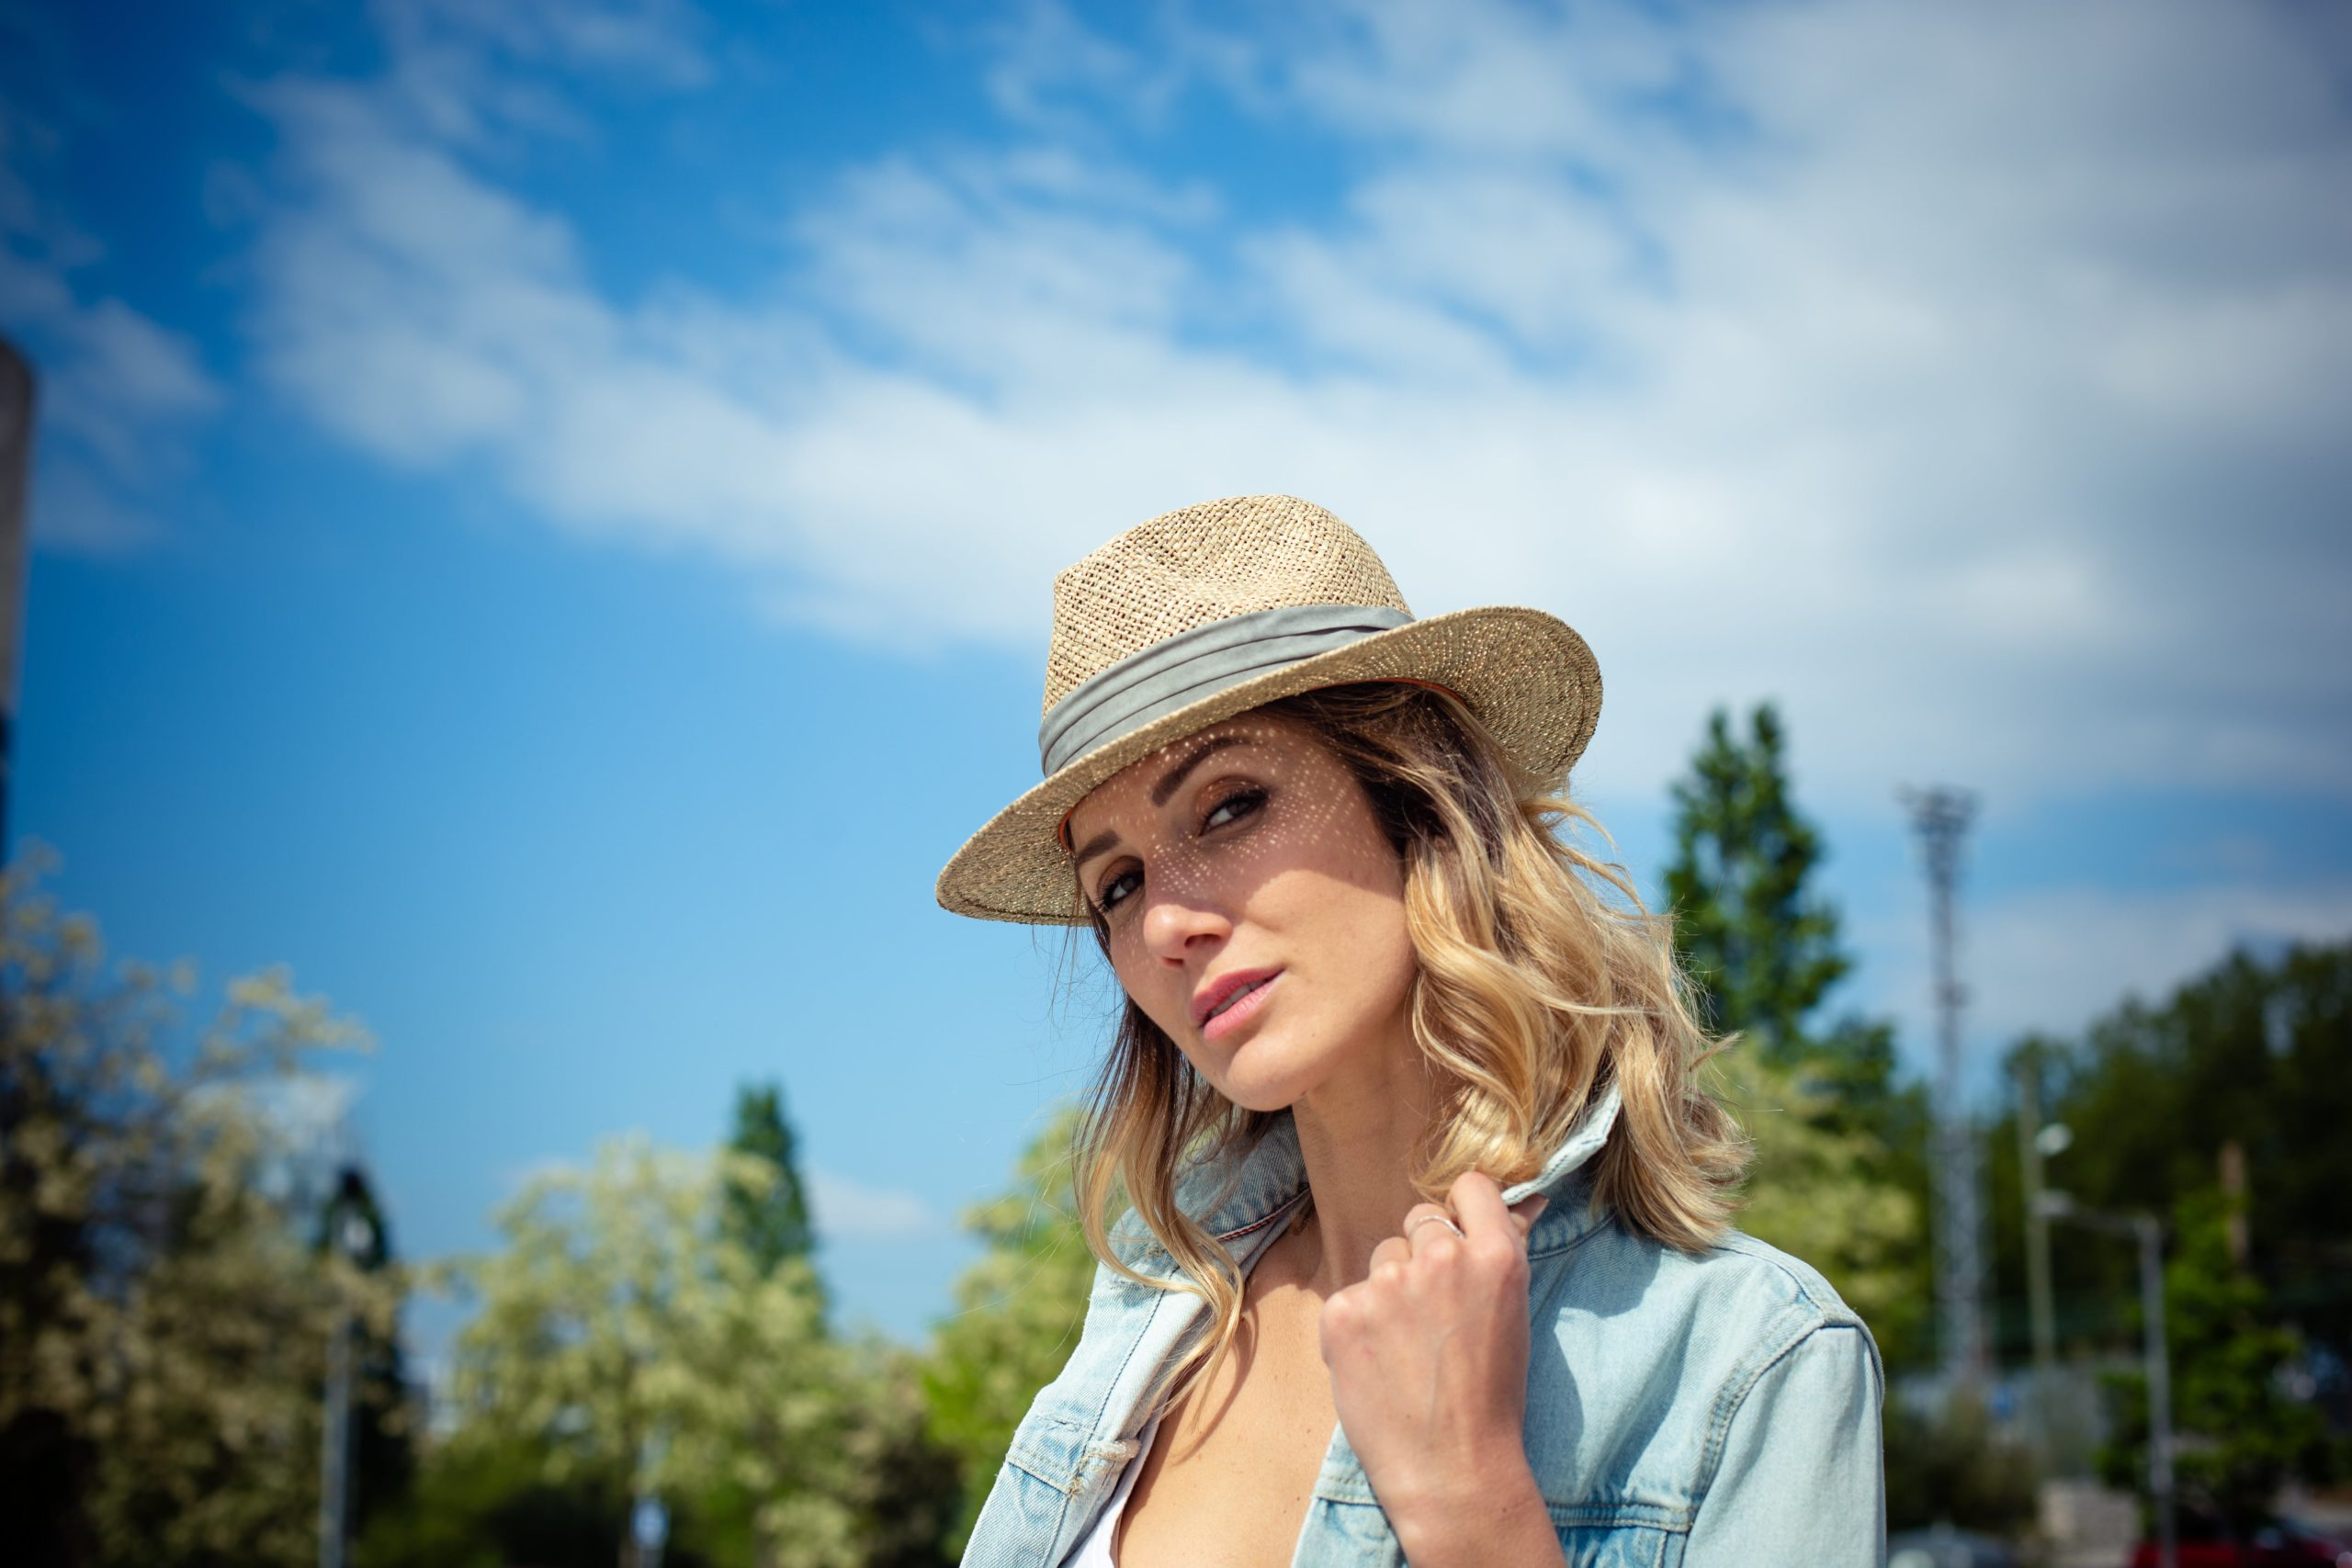 quel chapeau pour femme porter cet été